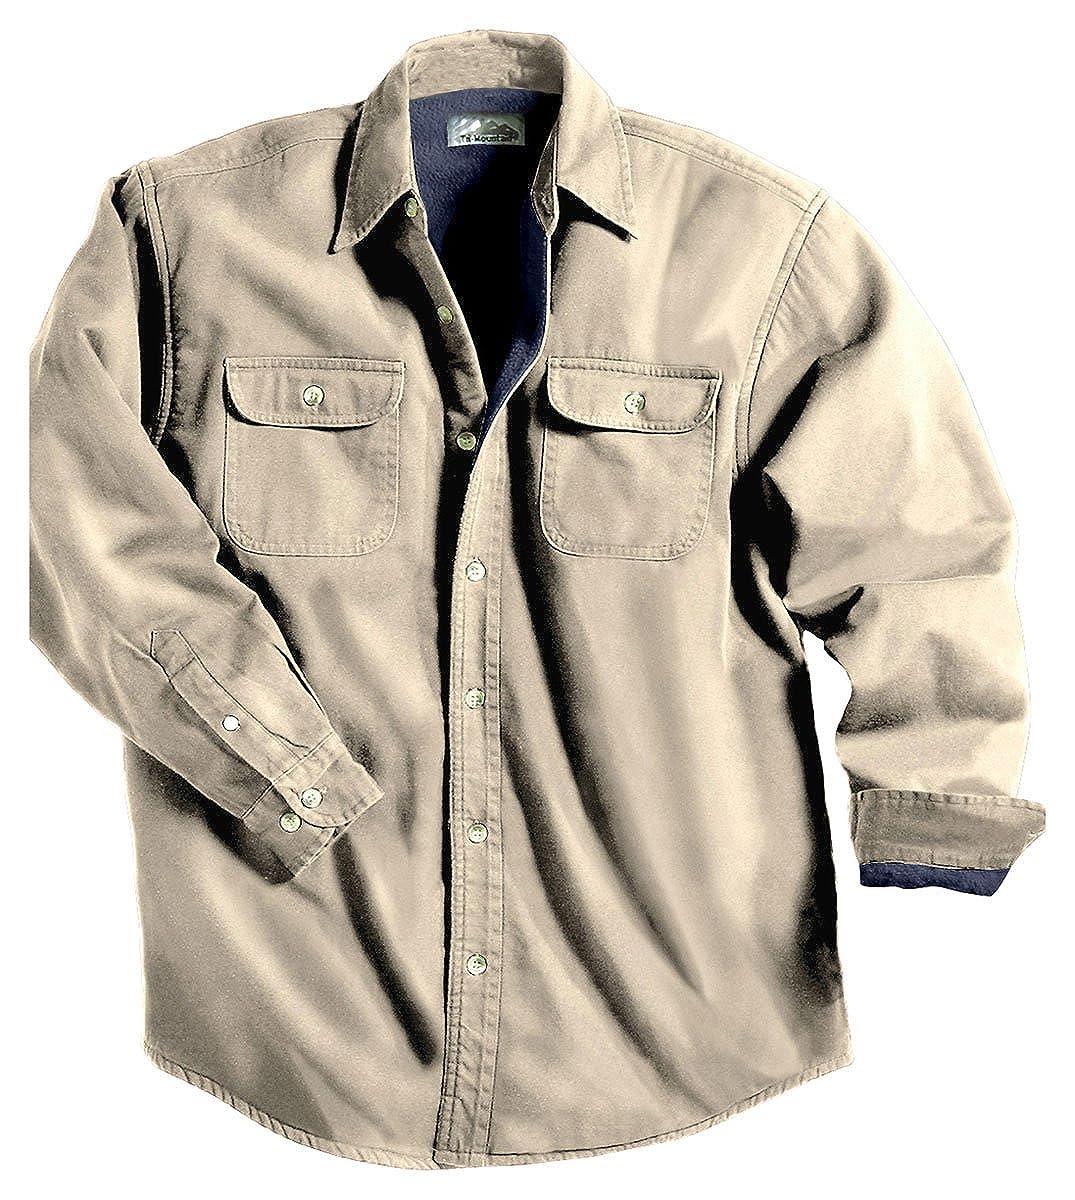 TRM Men's Cotton Tahoe Stonewashed Fleece Denim Shirt Jacket (10 Color, XS-6XLT) 869